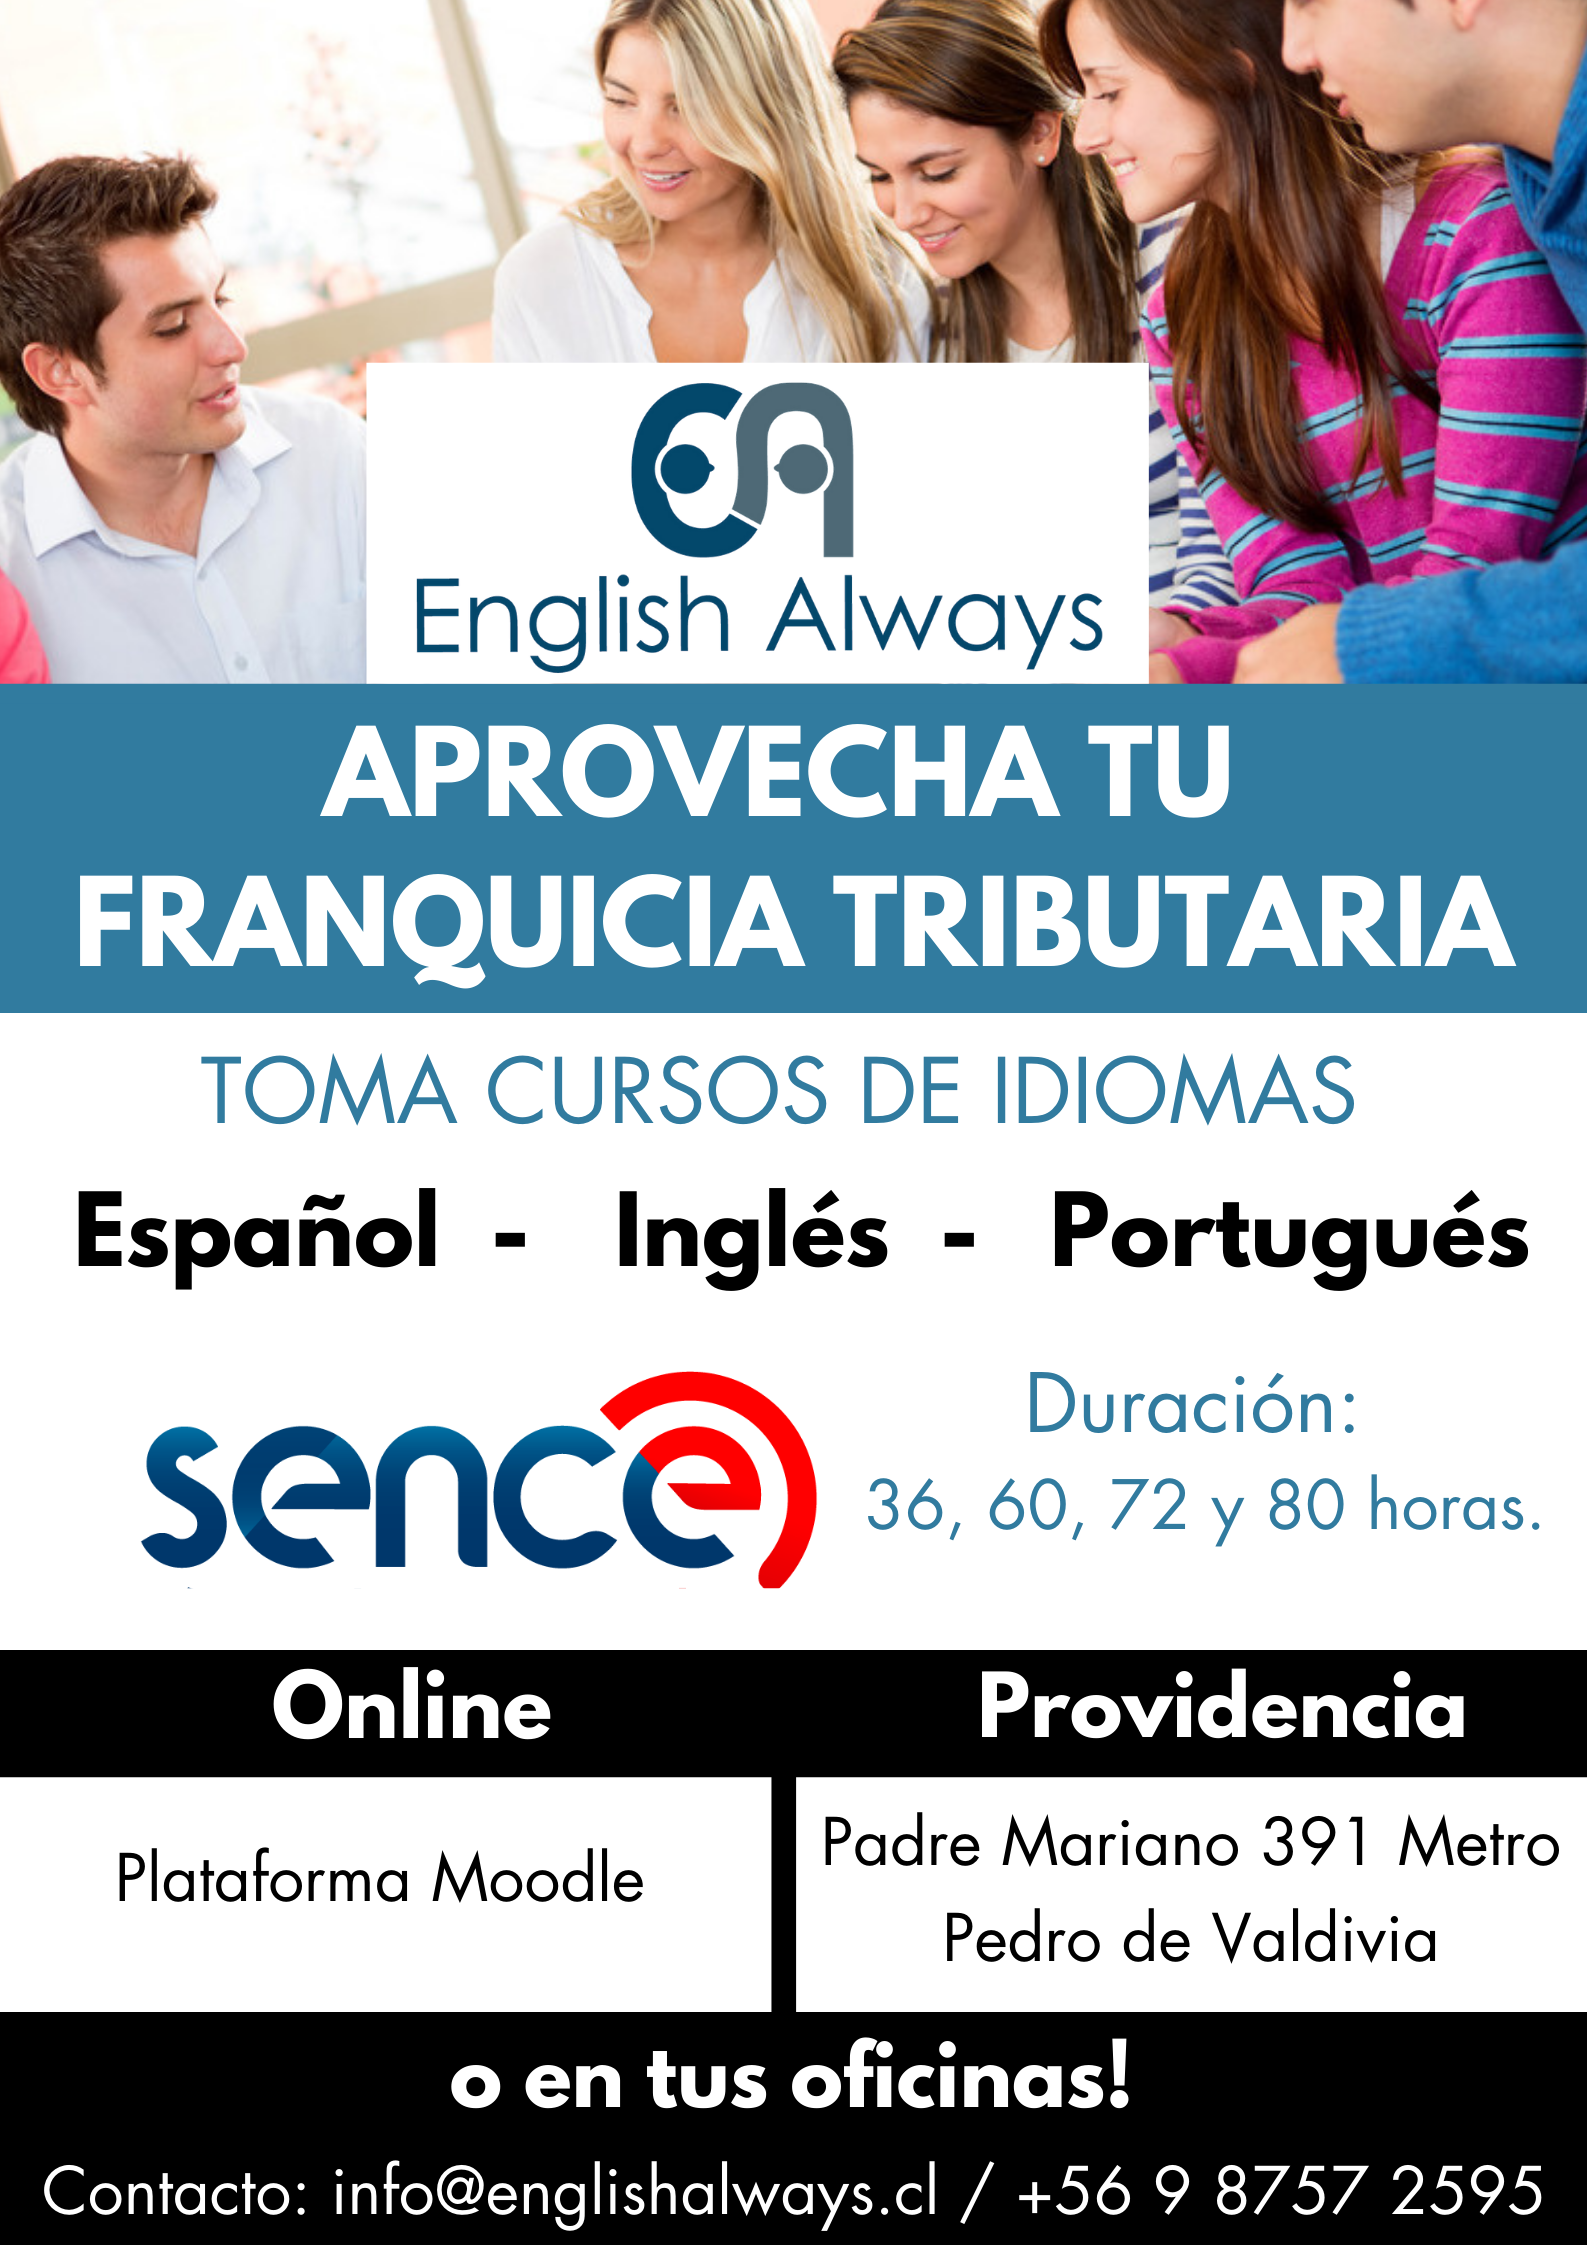 FRANQUICIA (1)